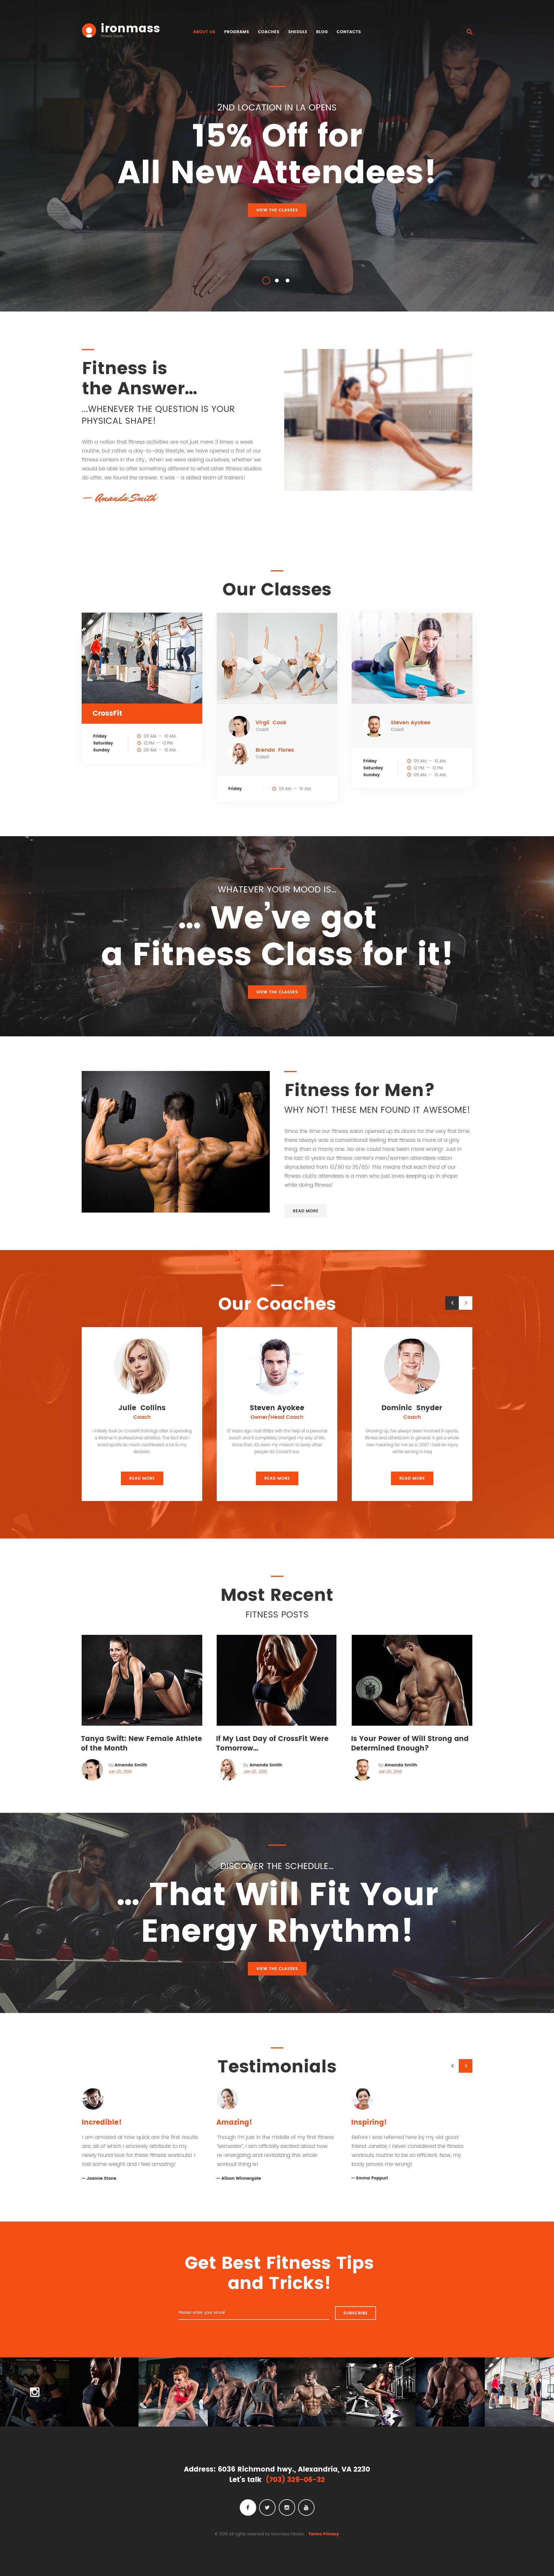 """""""Ironmass - Fitness Center Multipage"""" - адаптивний Шаблон сайту №62271 - скріншот"""